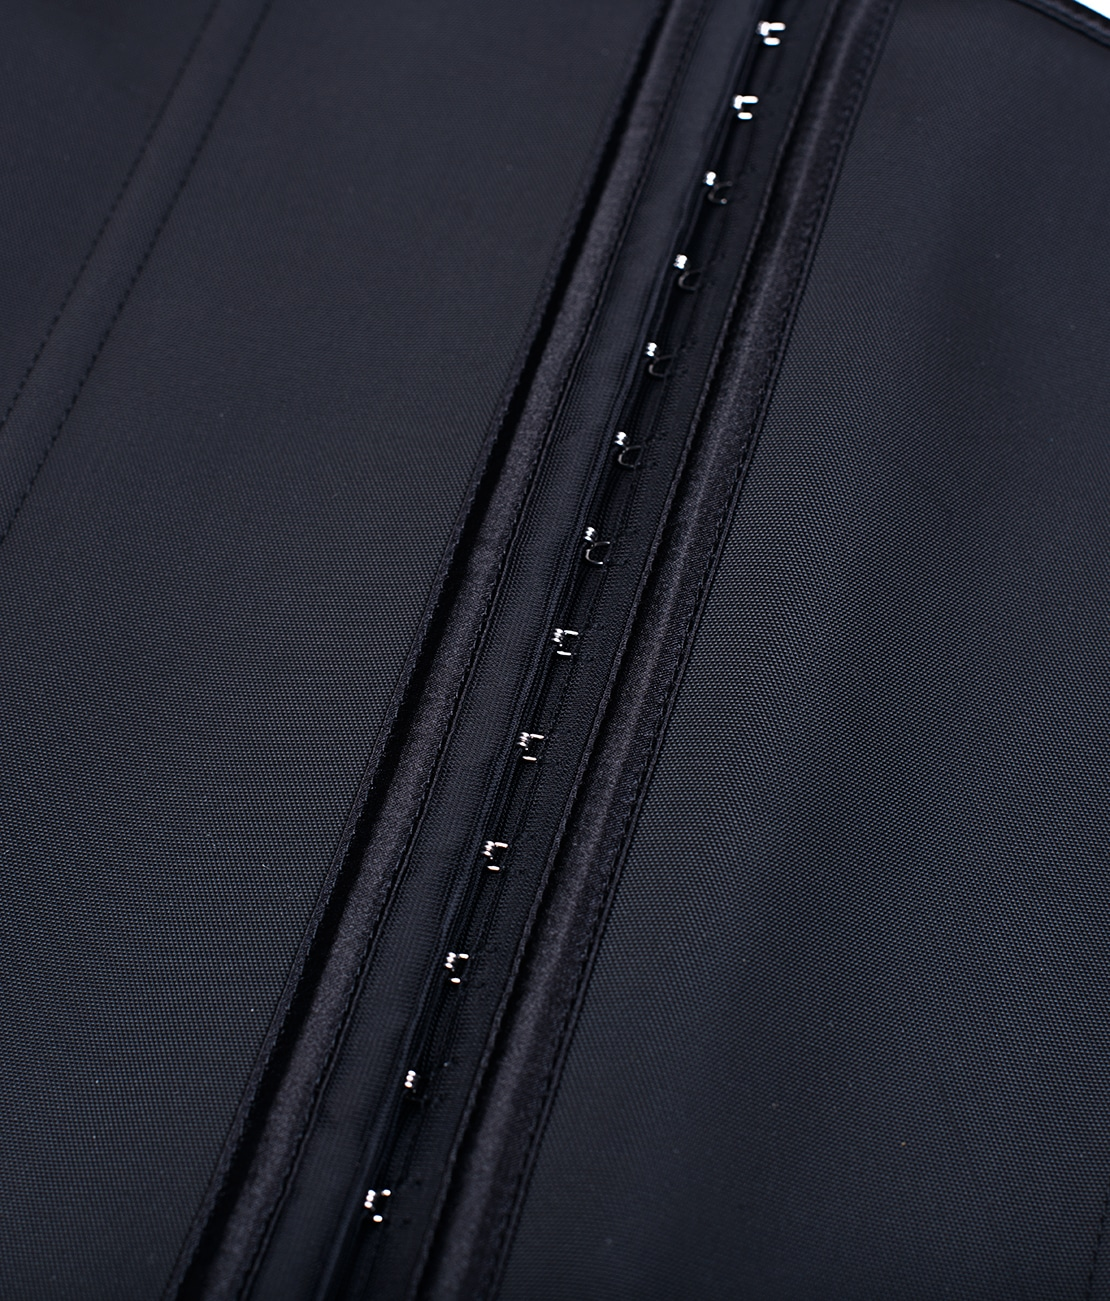 Gaine Amincissante Noire Packshot Detail 1